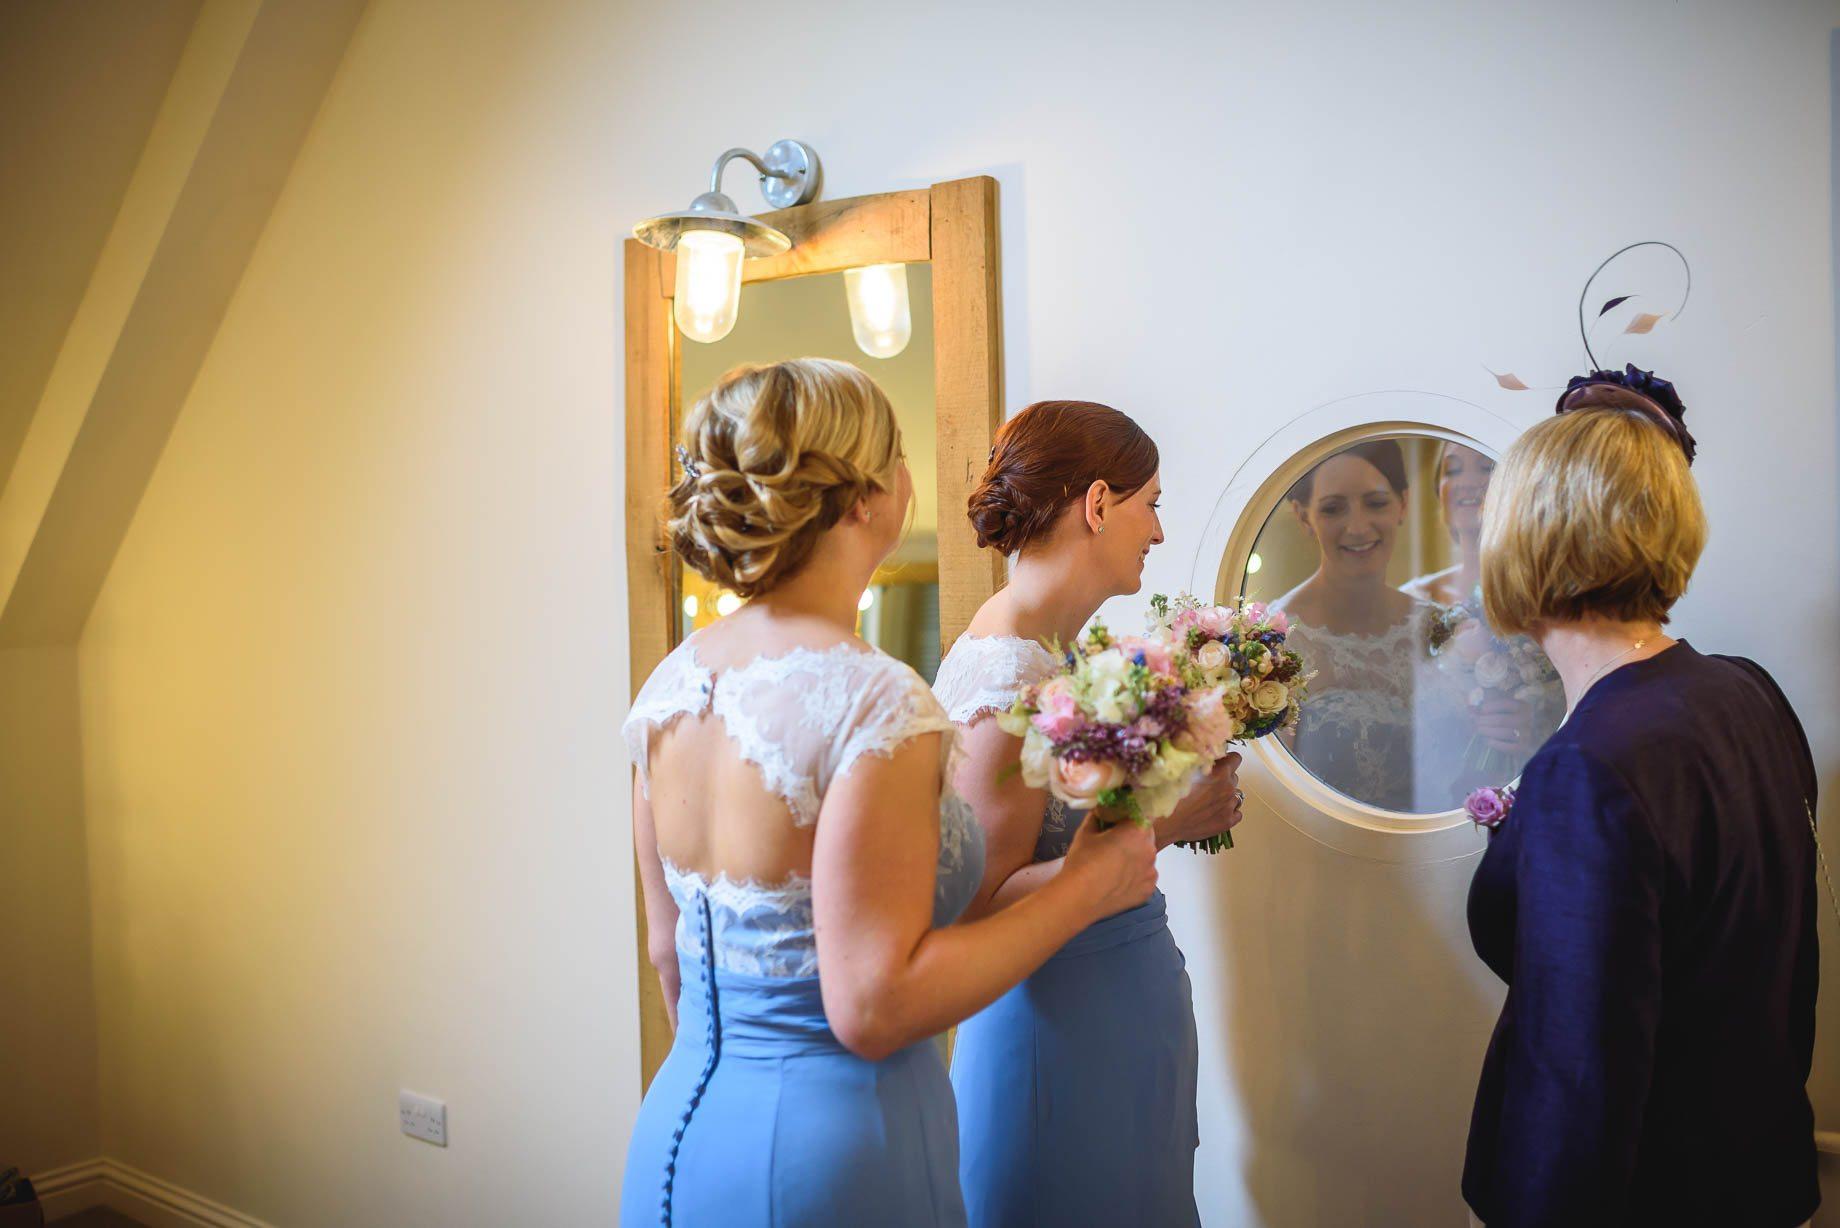 Millbridge Court Wedding Photography - Lisa and Daniel (53 of 173)